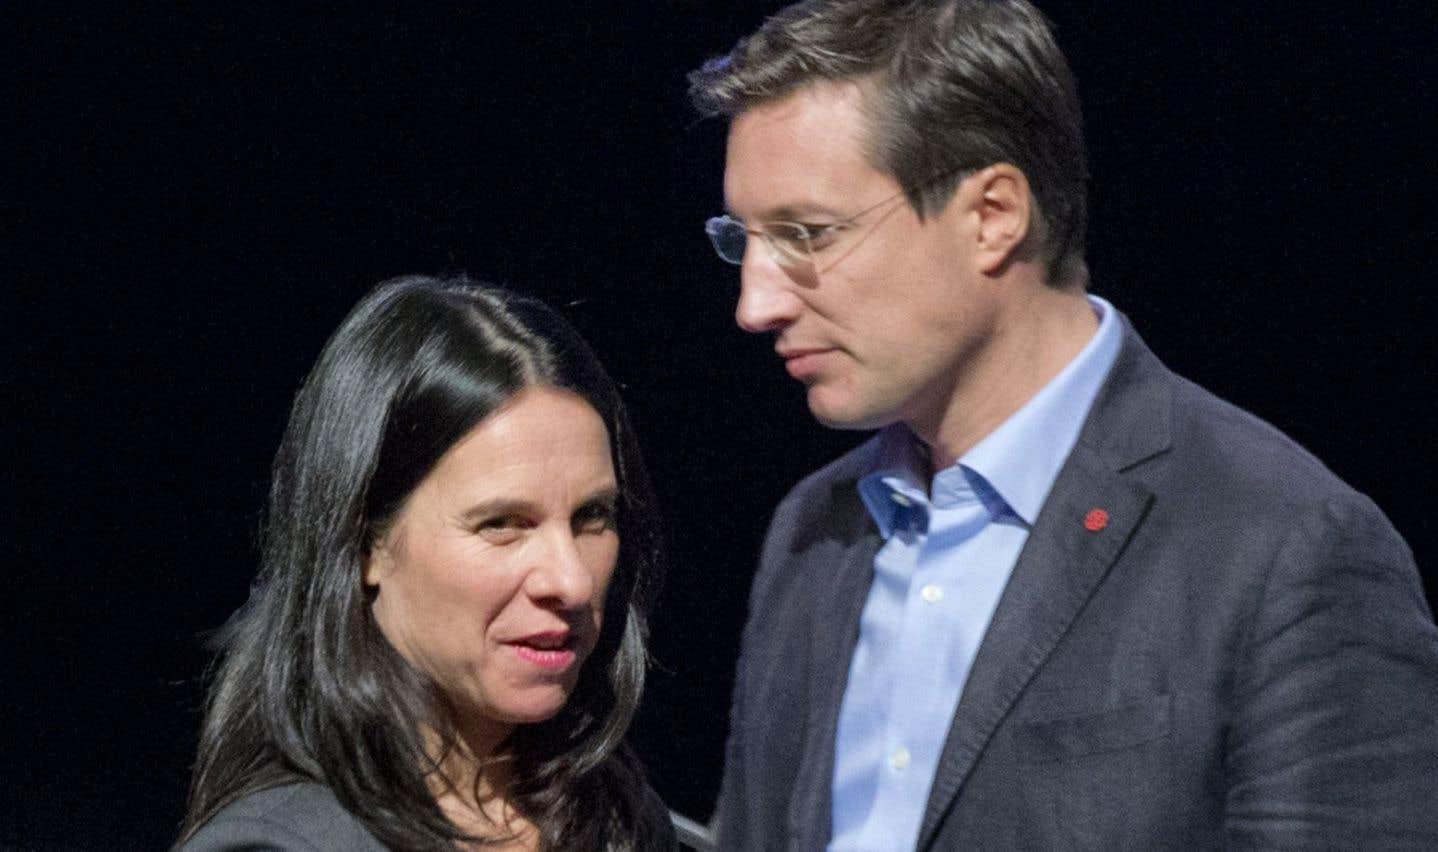 Le nouveau chef de Projet Montréal sera choisi dimanche